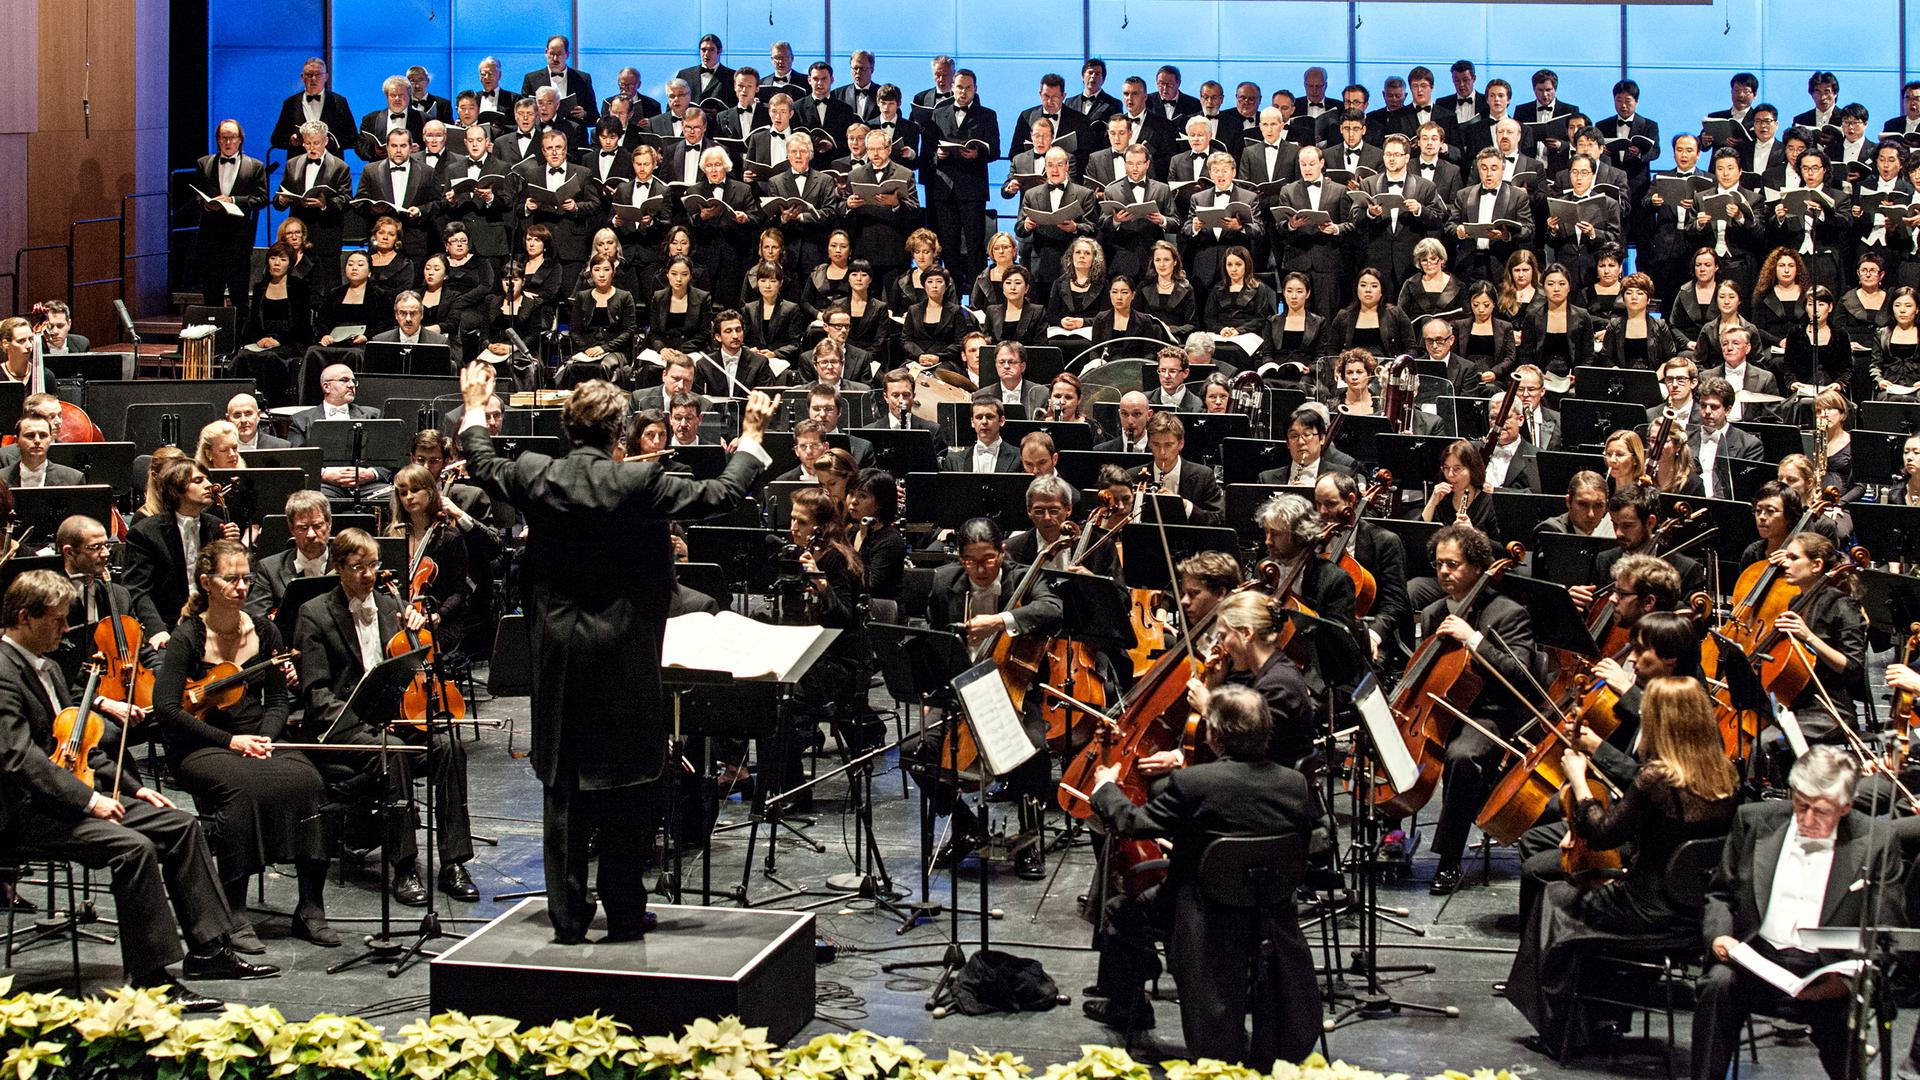 Als Abschlusskonzert zum 350. Orchesterjubiläum der Badischen Staatskapelle führten Musiker im Dezember 2012 im Badischen Staatstheater in Karlsruhe Arnold Schönbergs Gurrelieder auf.